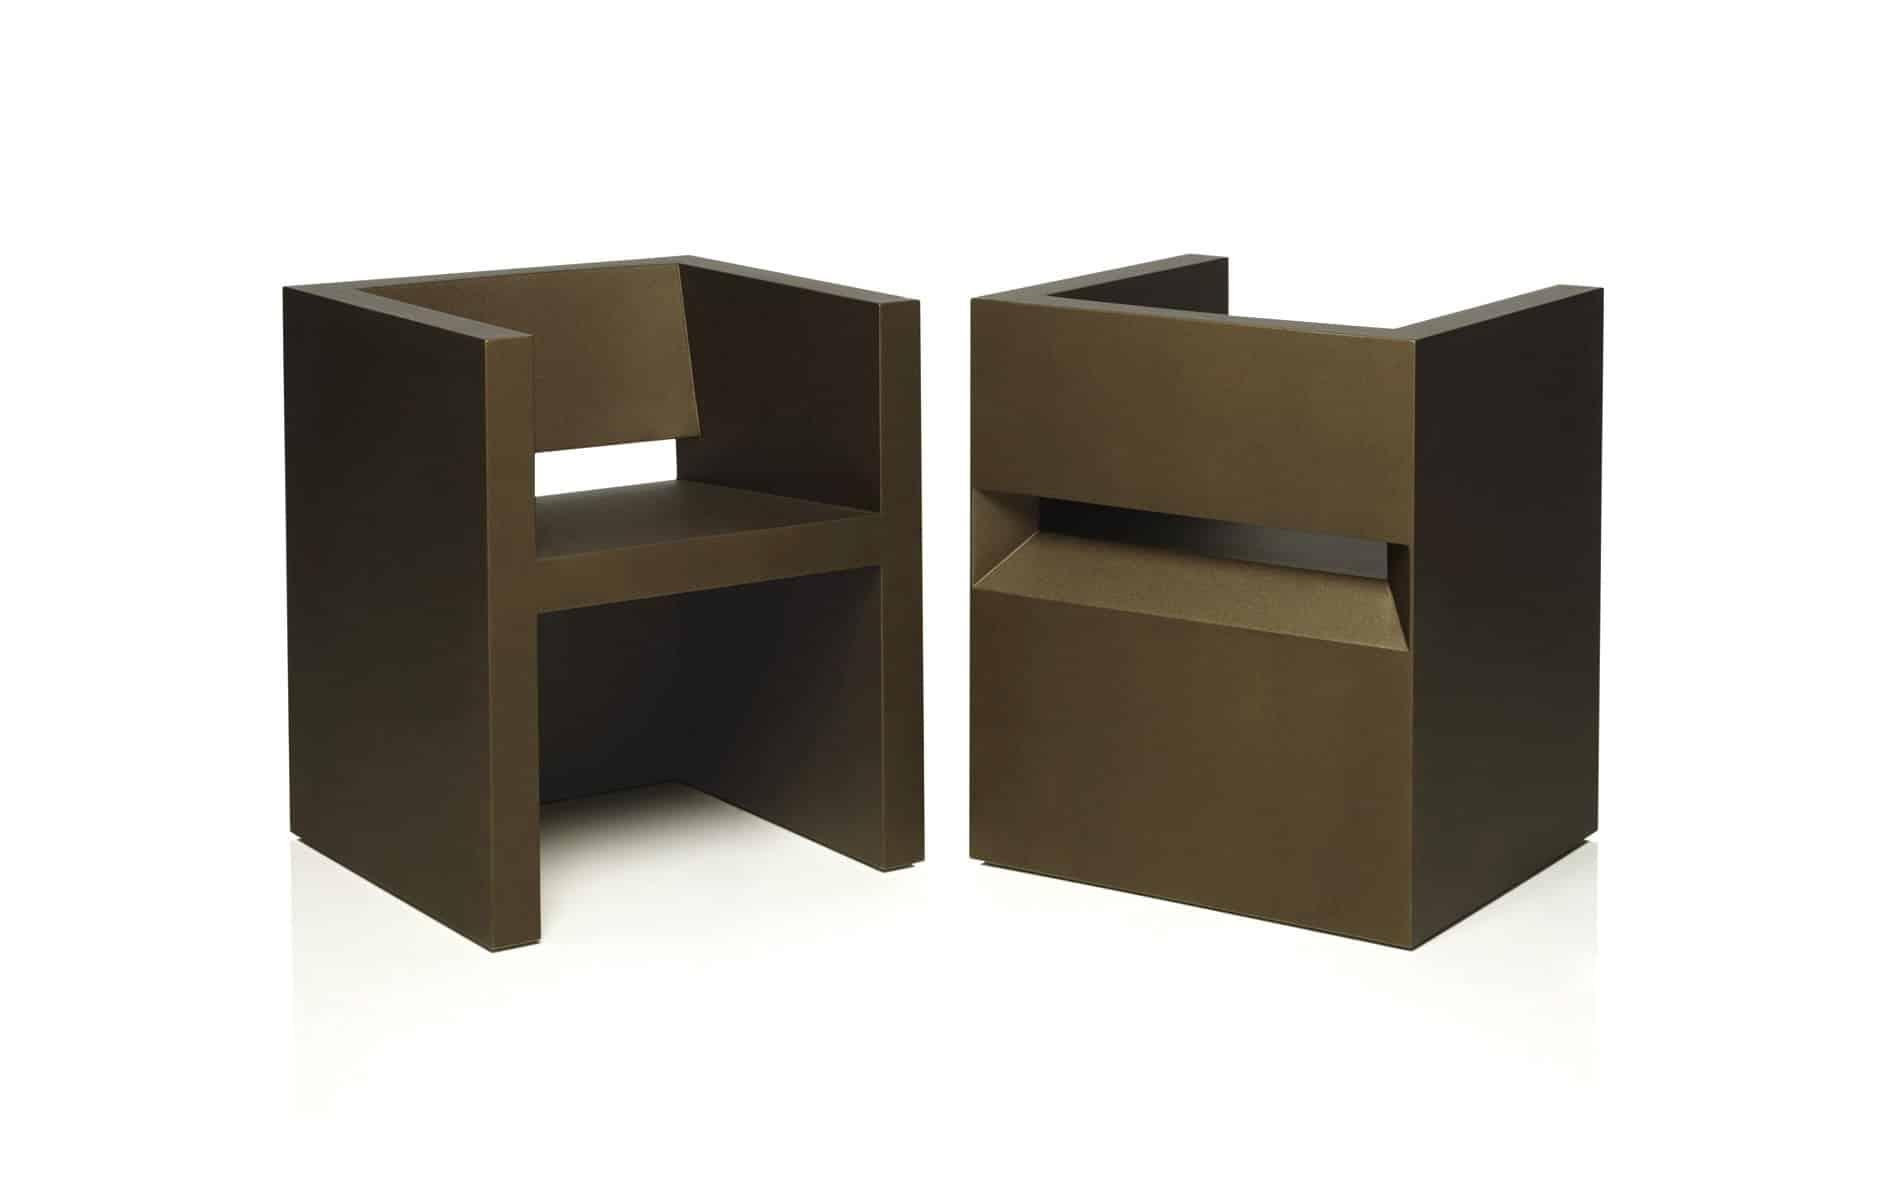 garten st hle hocker designer gartenst hle aus kunststoff. Black Bedroom Furniture Sets. Home Design Ideas